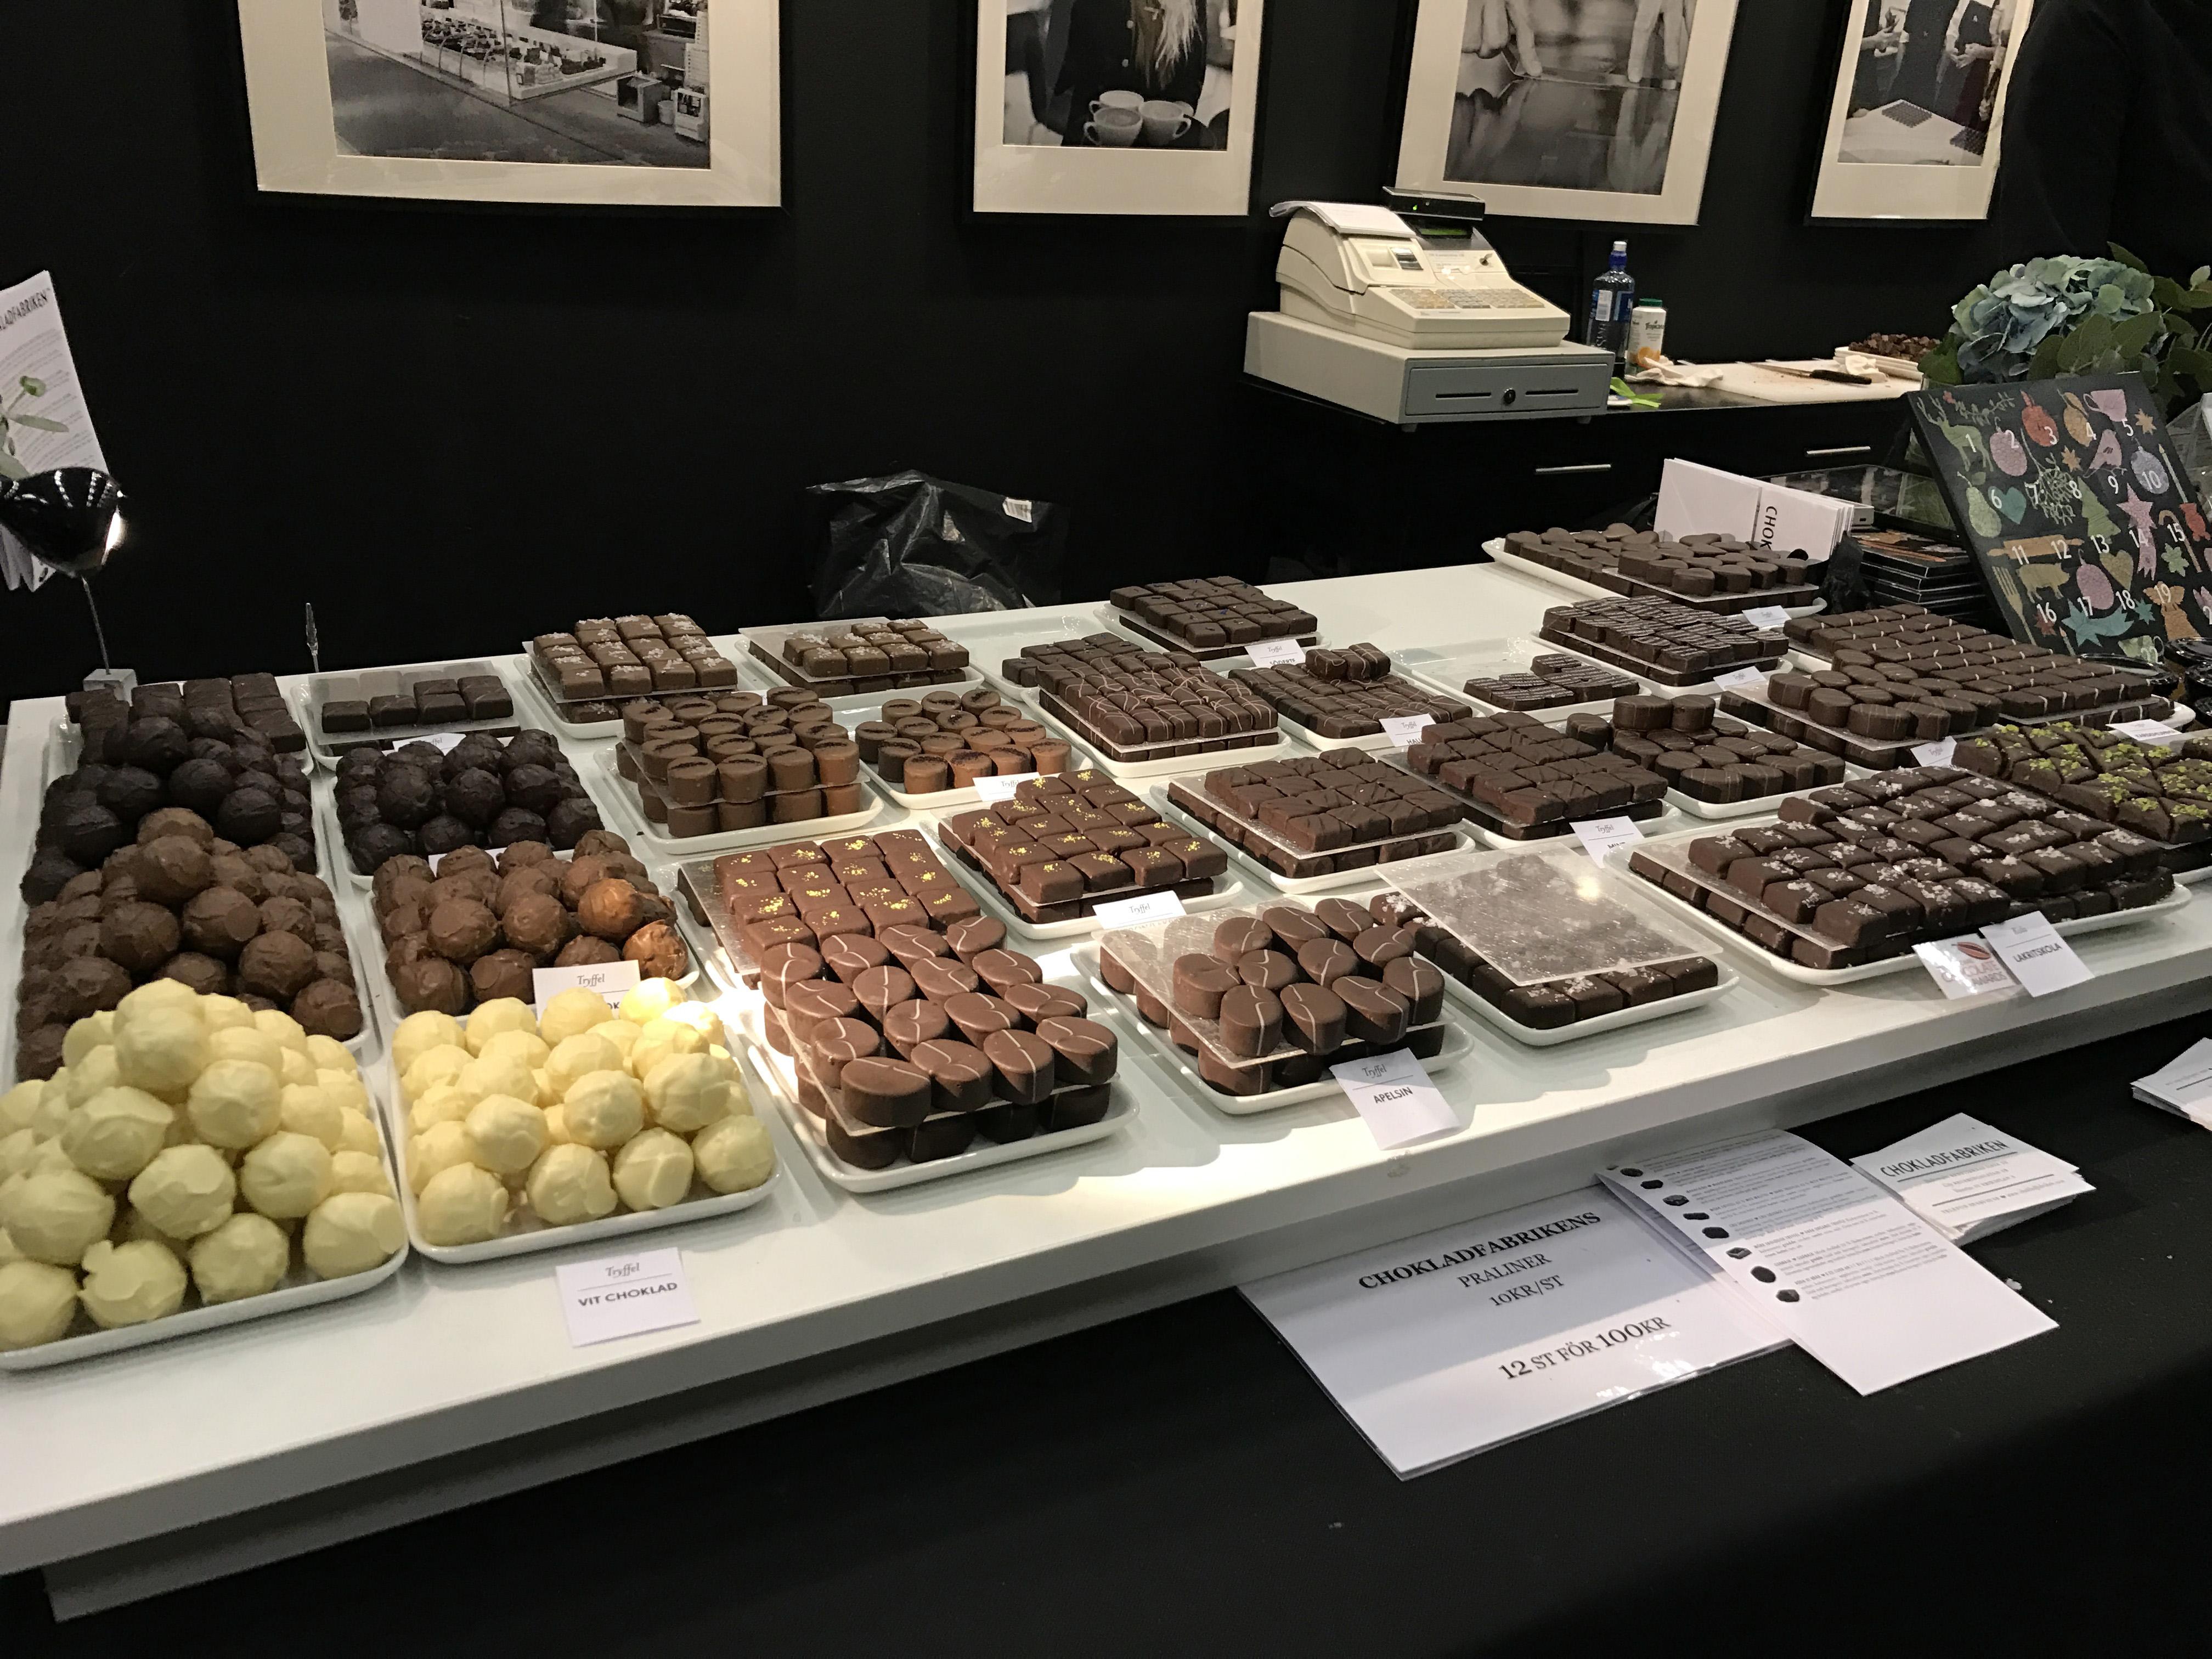 Chokladfabriken på Bak- och Chokladfestivalen 2016